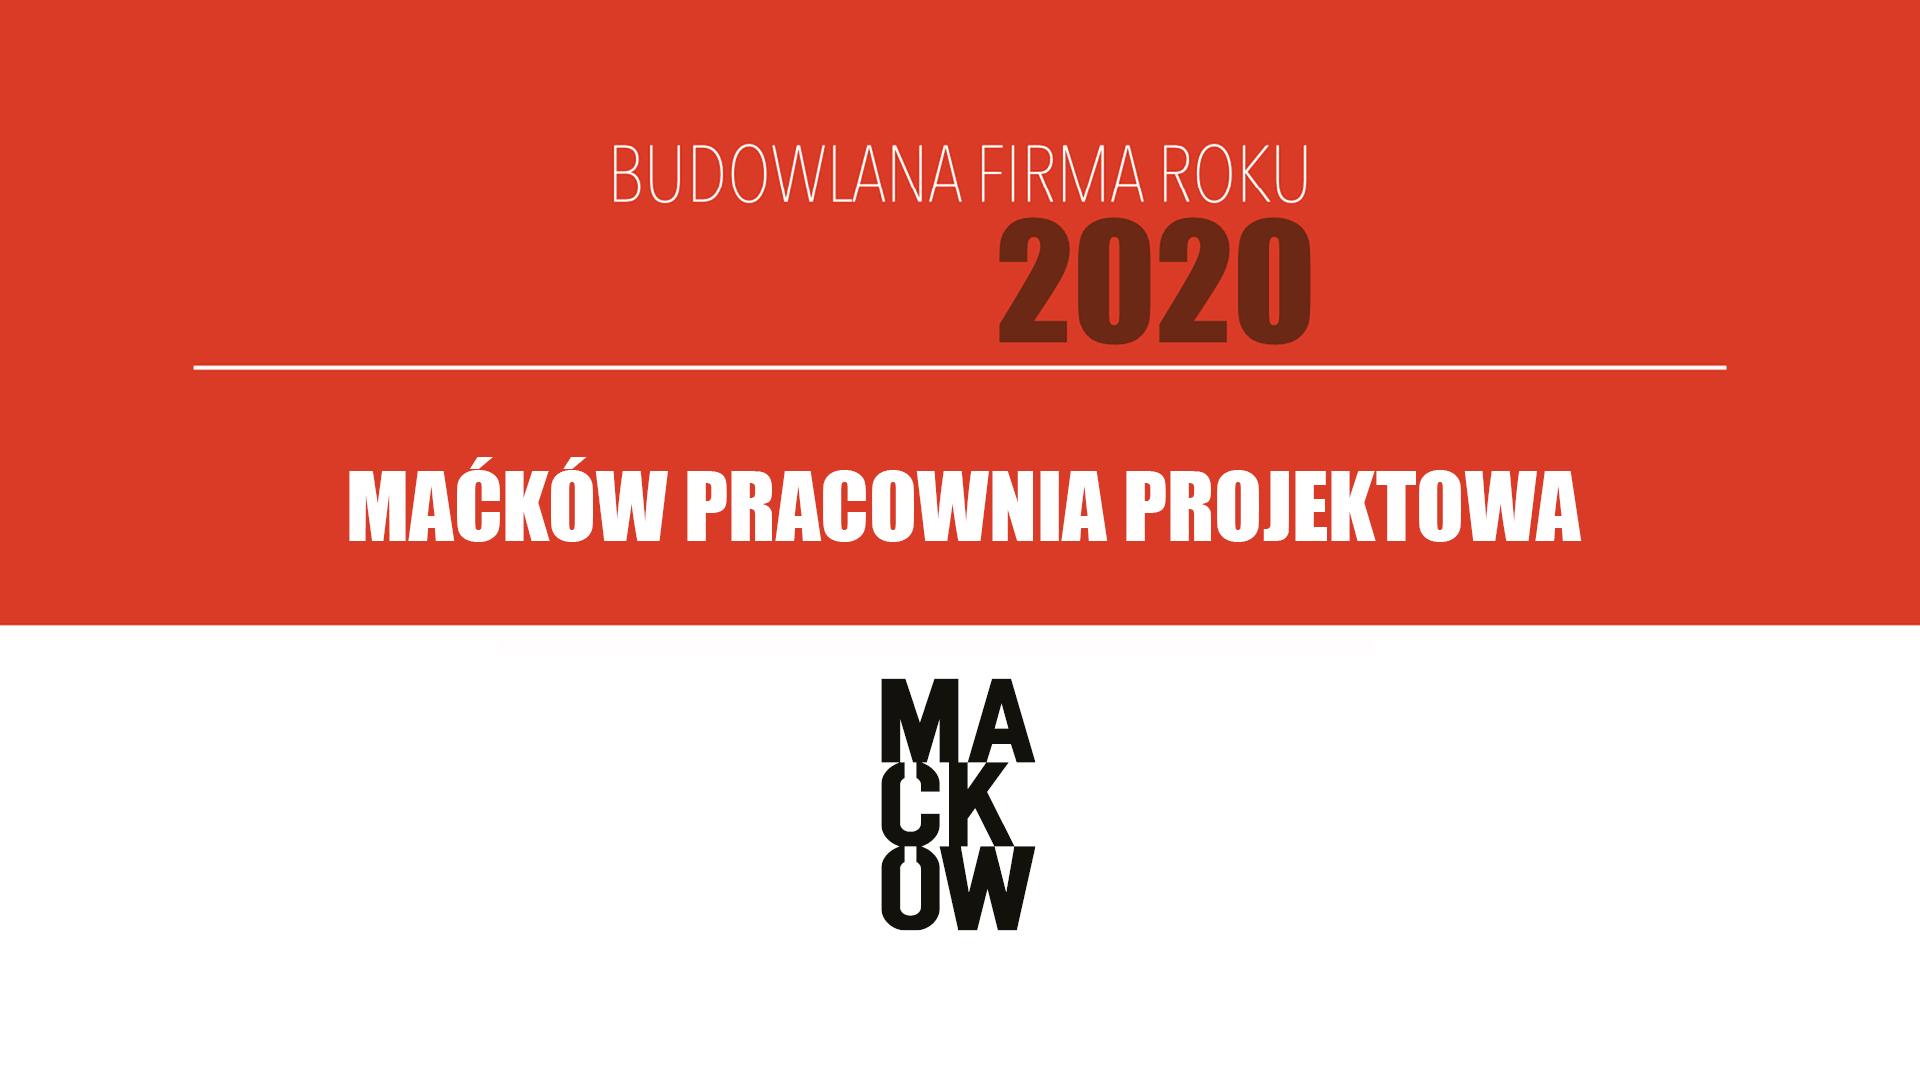 MAĆKÓW PRACOWNIA PROJEKTOWA SP. Z O.O. – Budowlana Firma Roku 2020